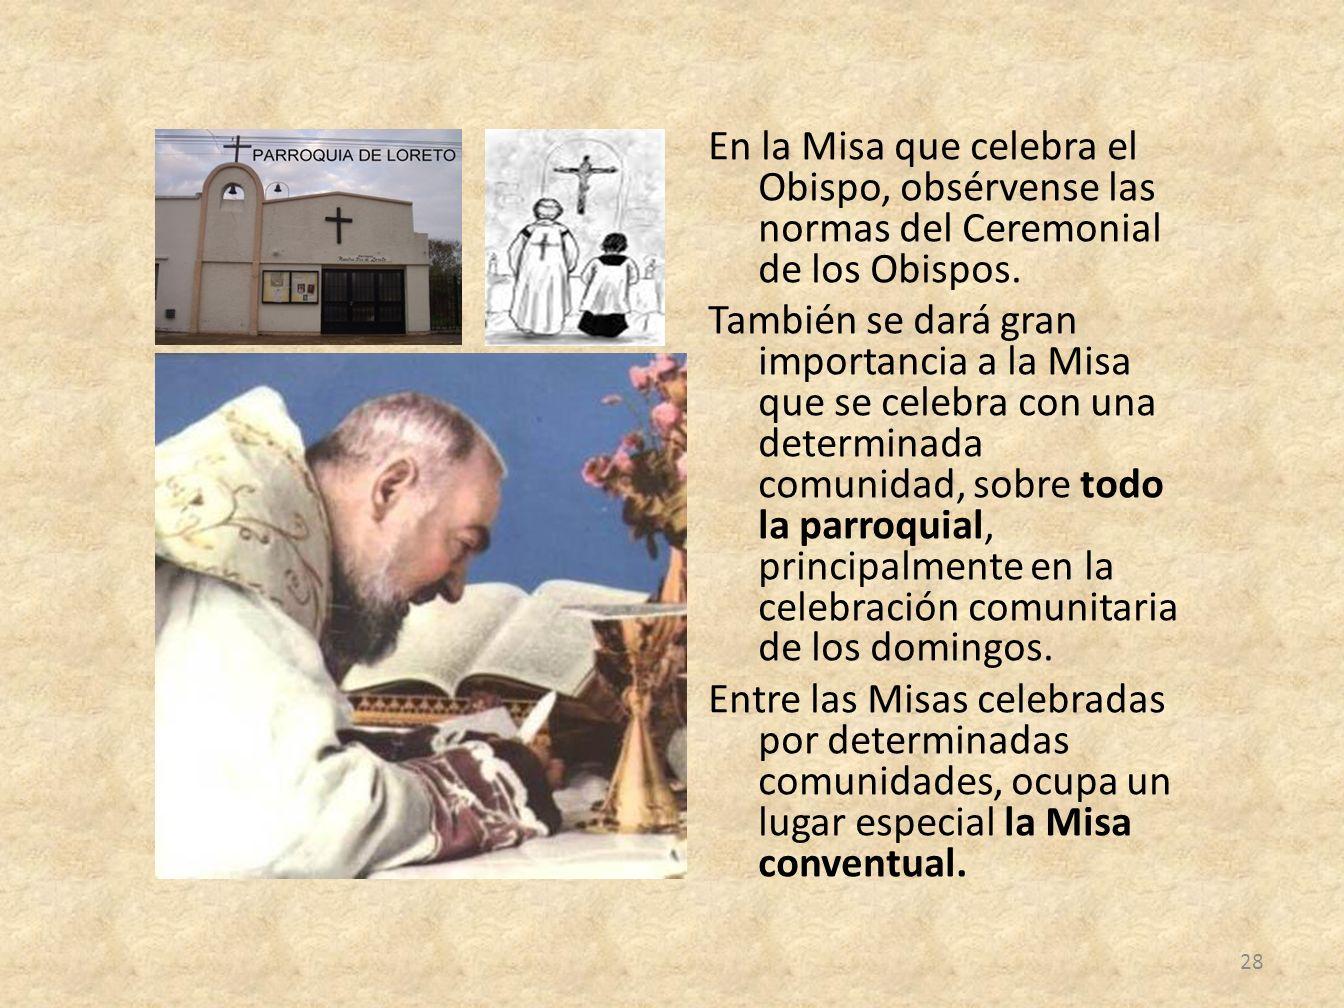 En la Misa que celebra el Obispo, obsérvense las normas del Ceremonial de los Obispos.